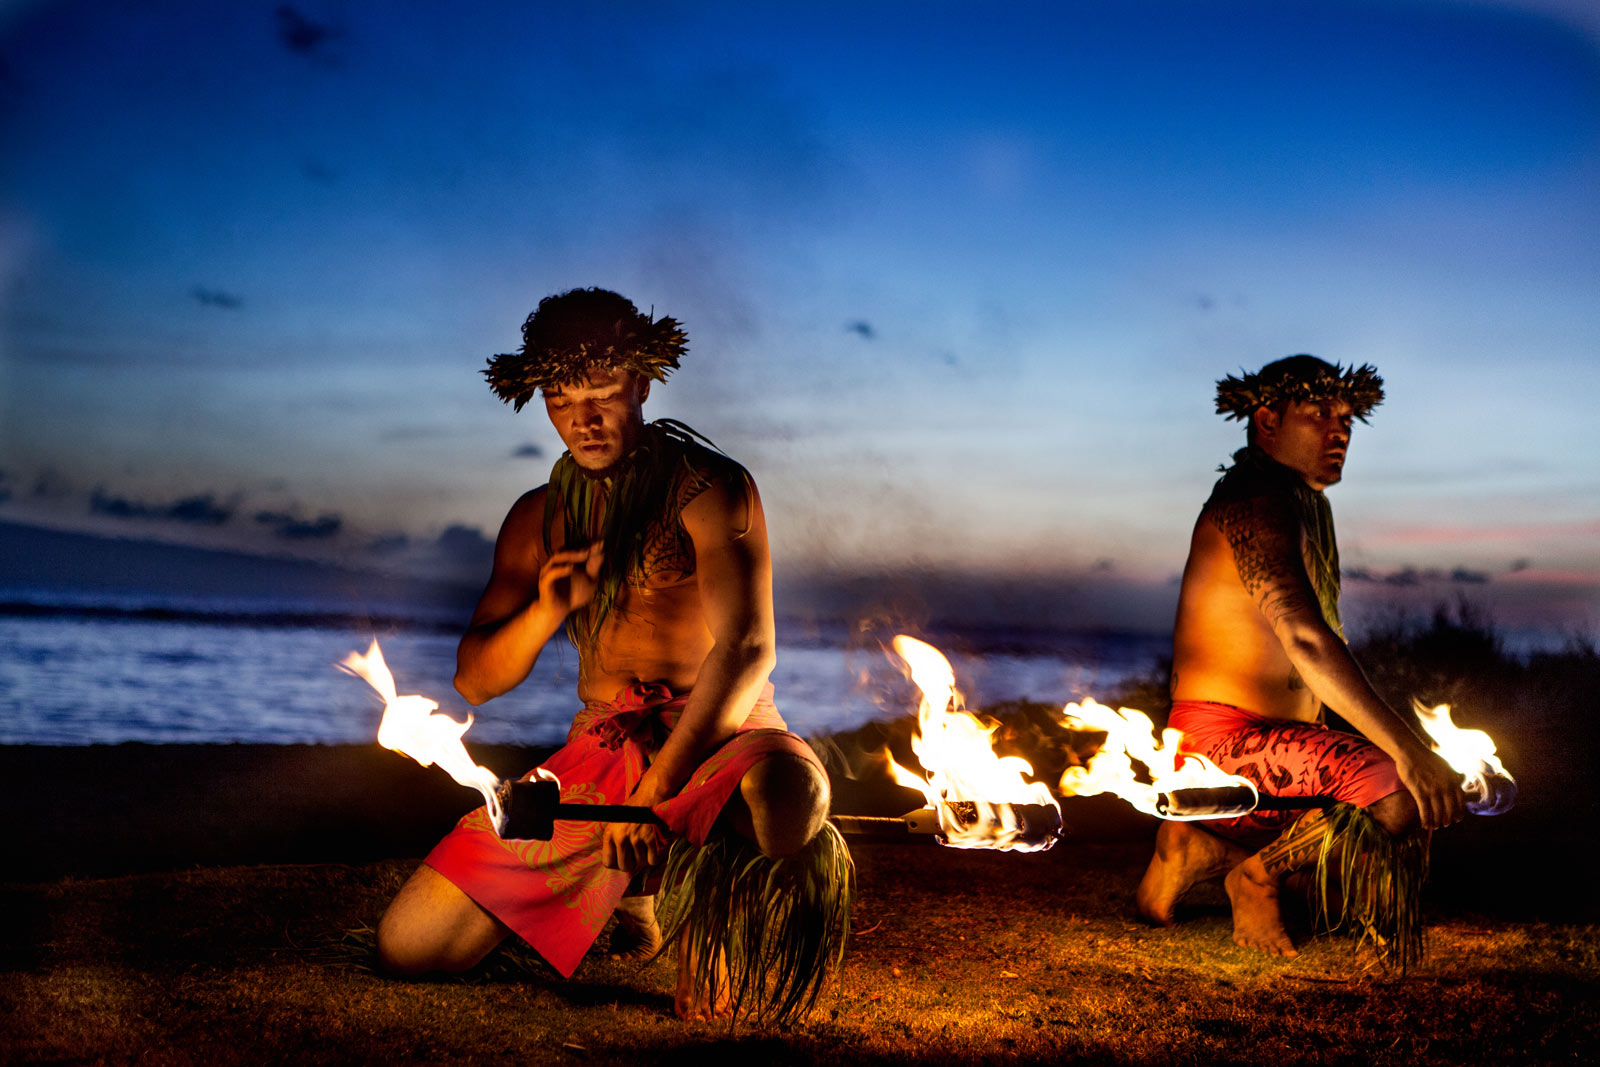 Attend a Luau in Oahu